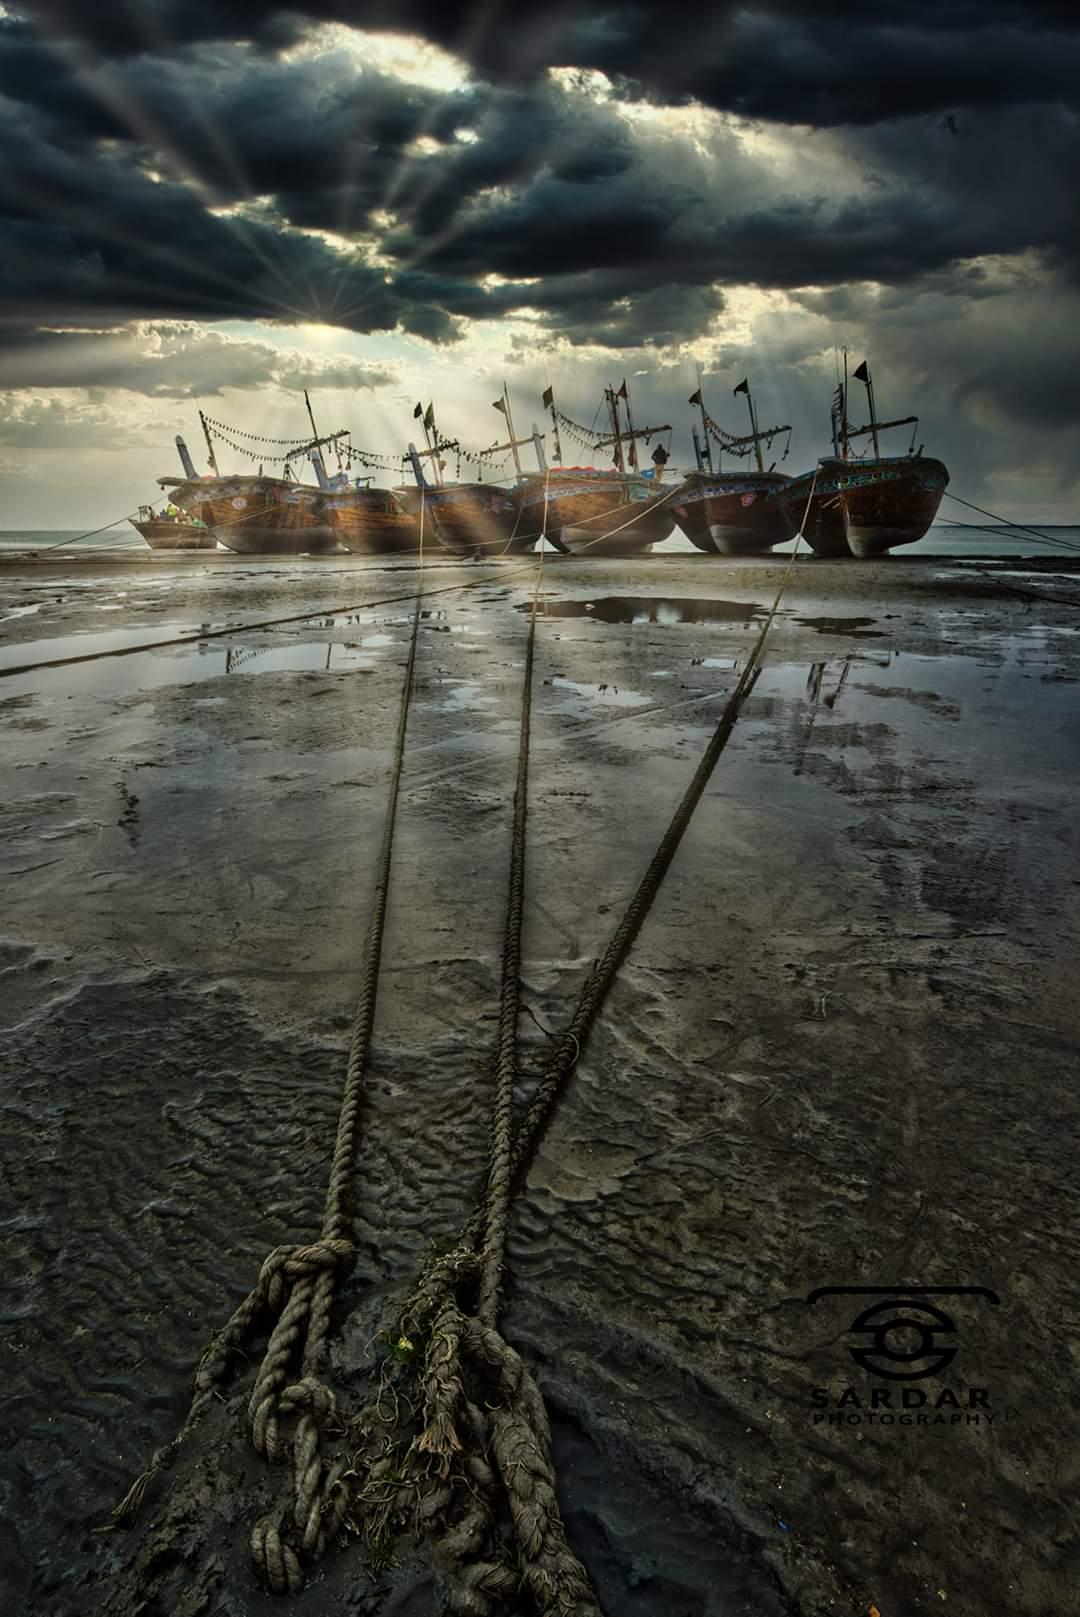 Damb Beach Balochistan